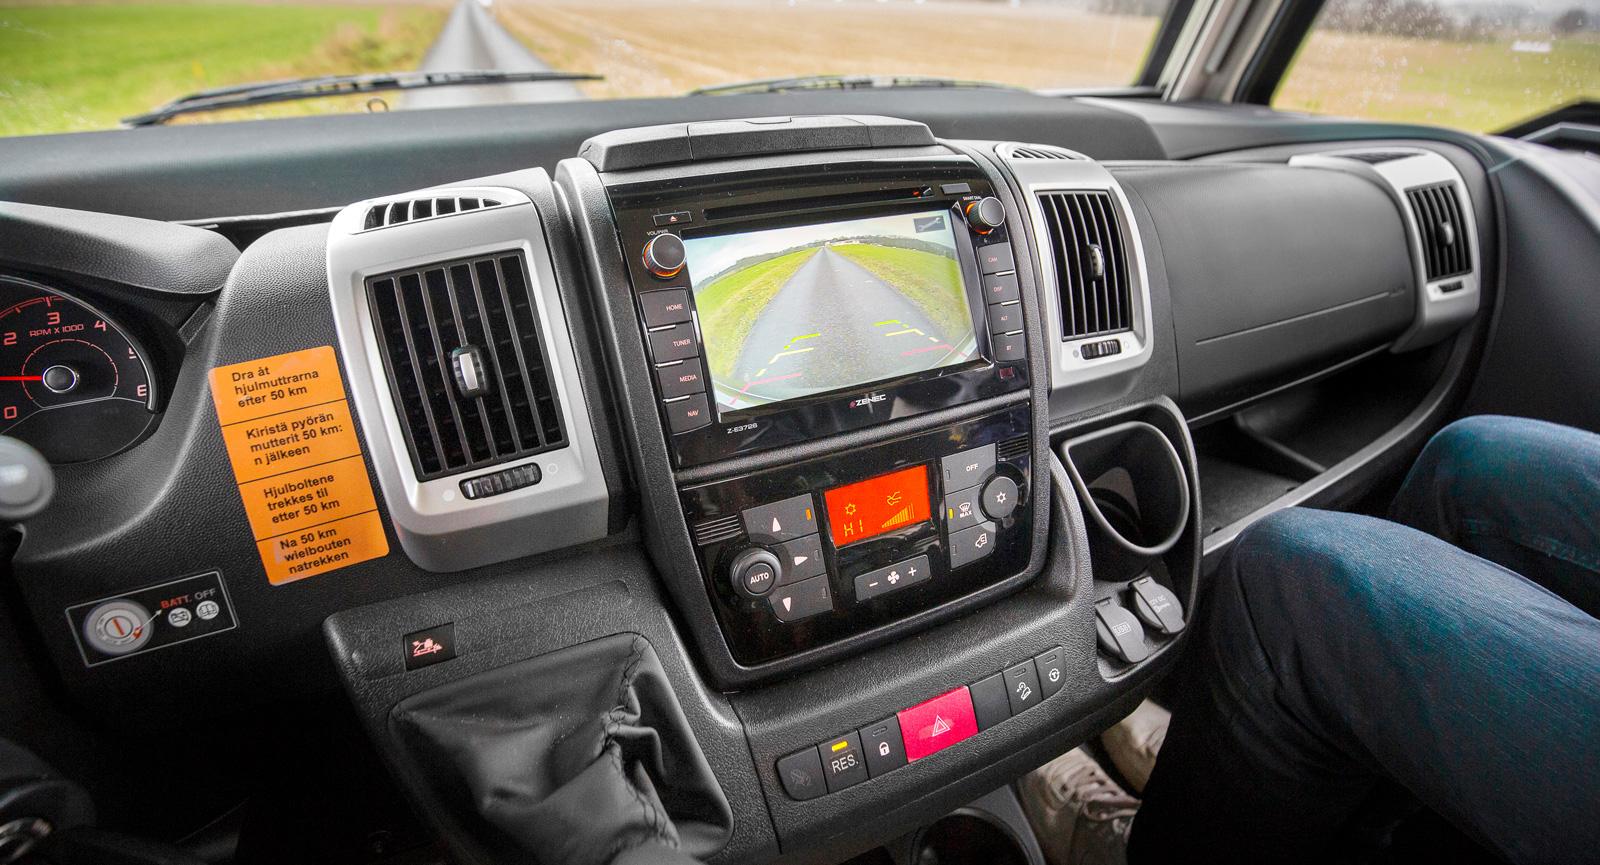 Integrerad backkamera och bra display underlättar livet för de som kör bakåt. I testbilen finns klimatanläggning i hytten.